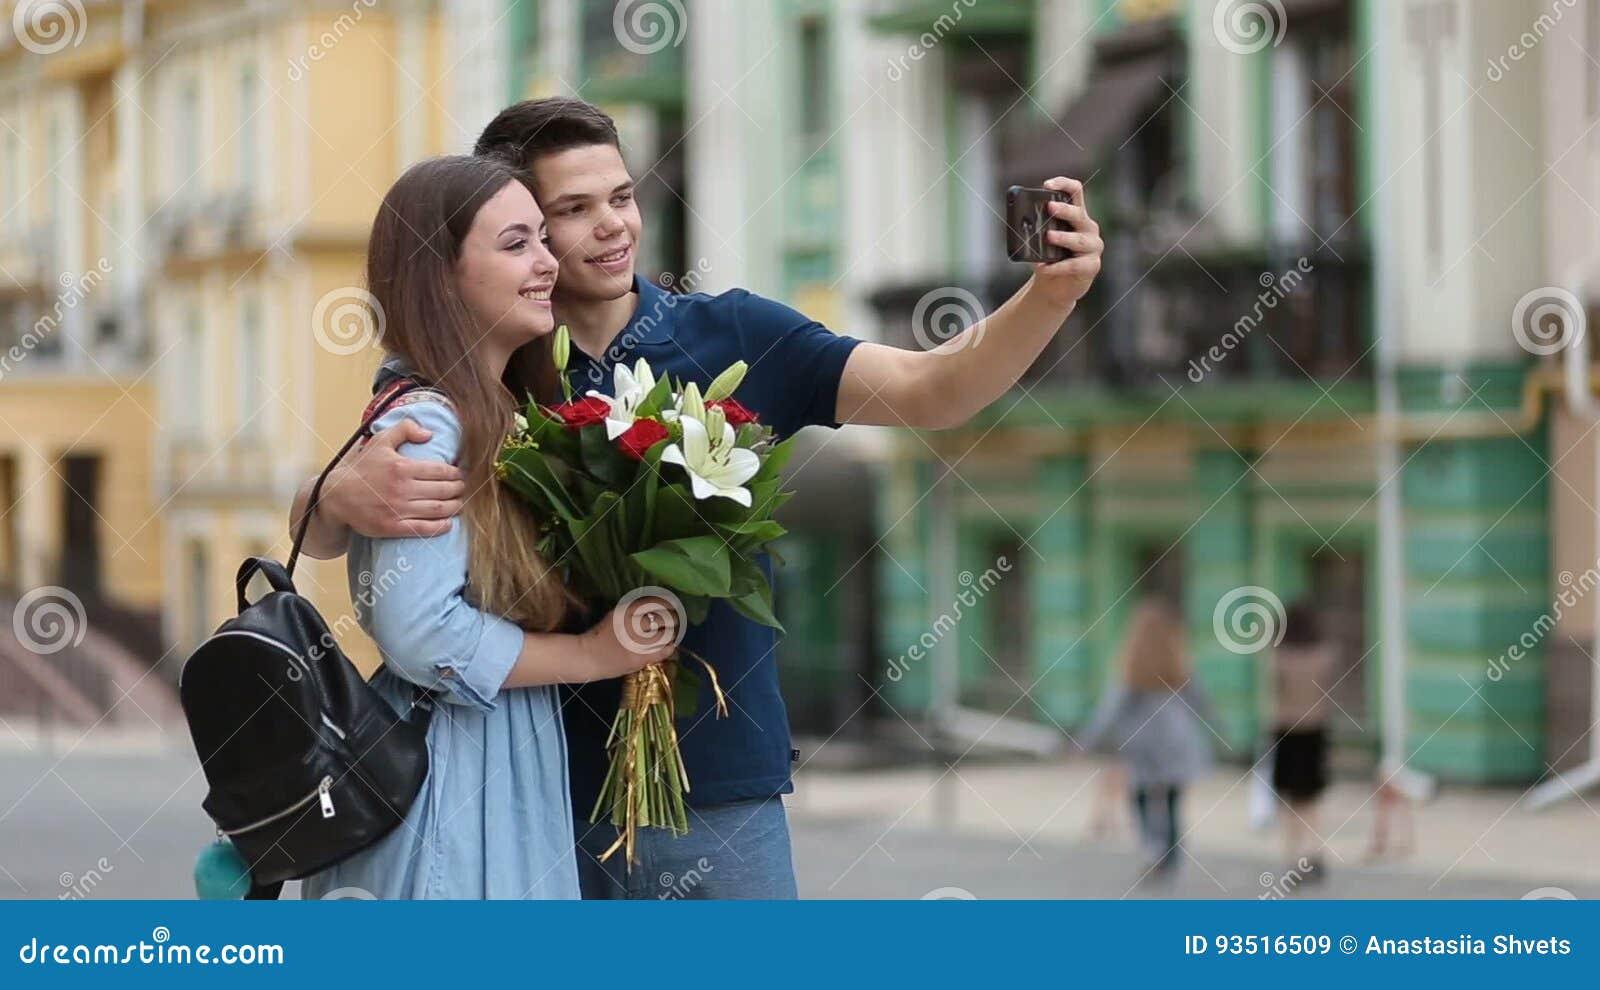 Selfie Nicole Shvets nude photos 2019